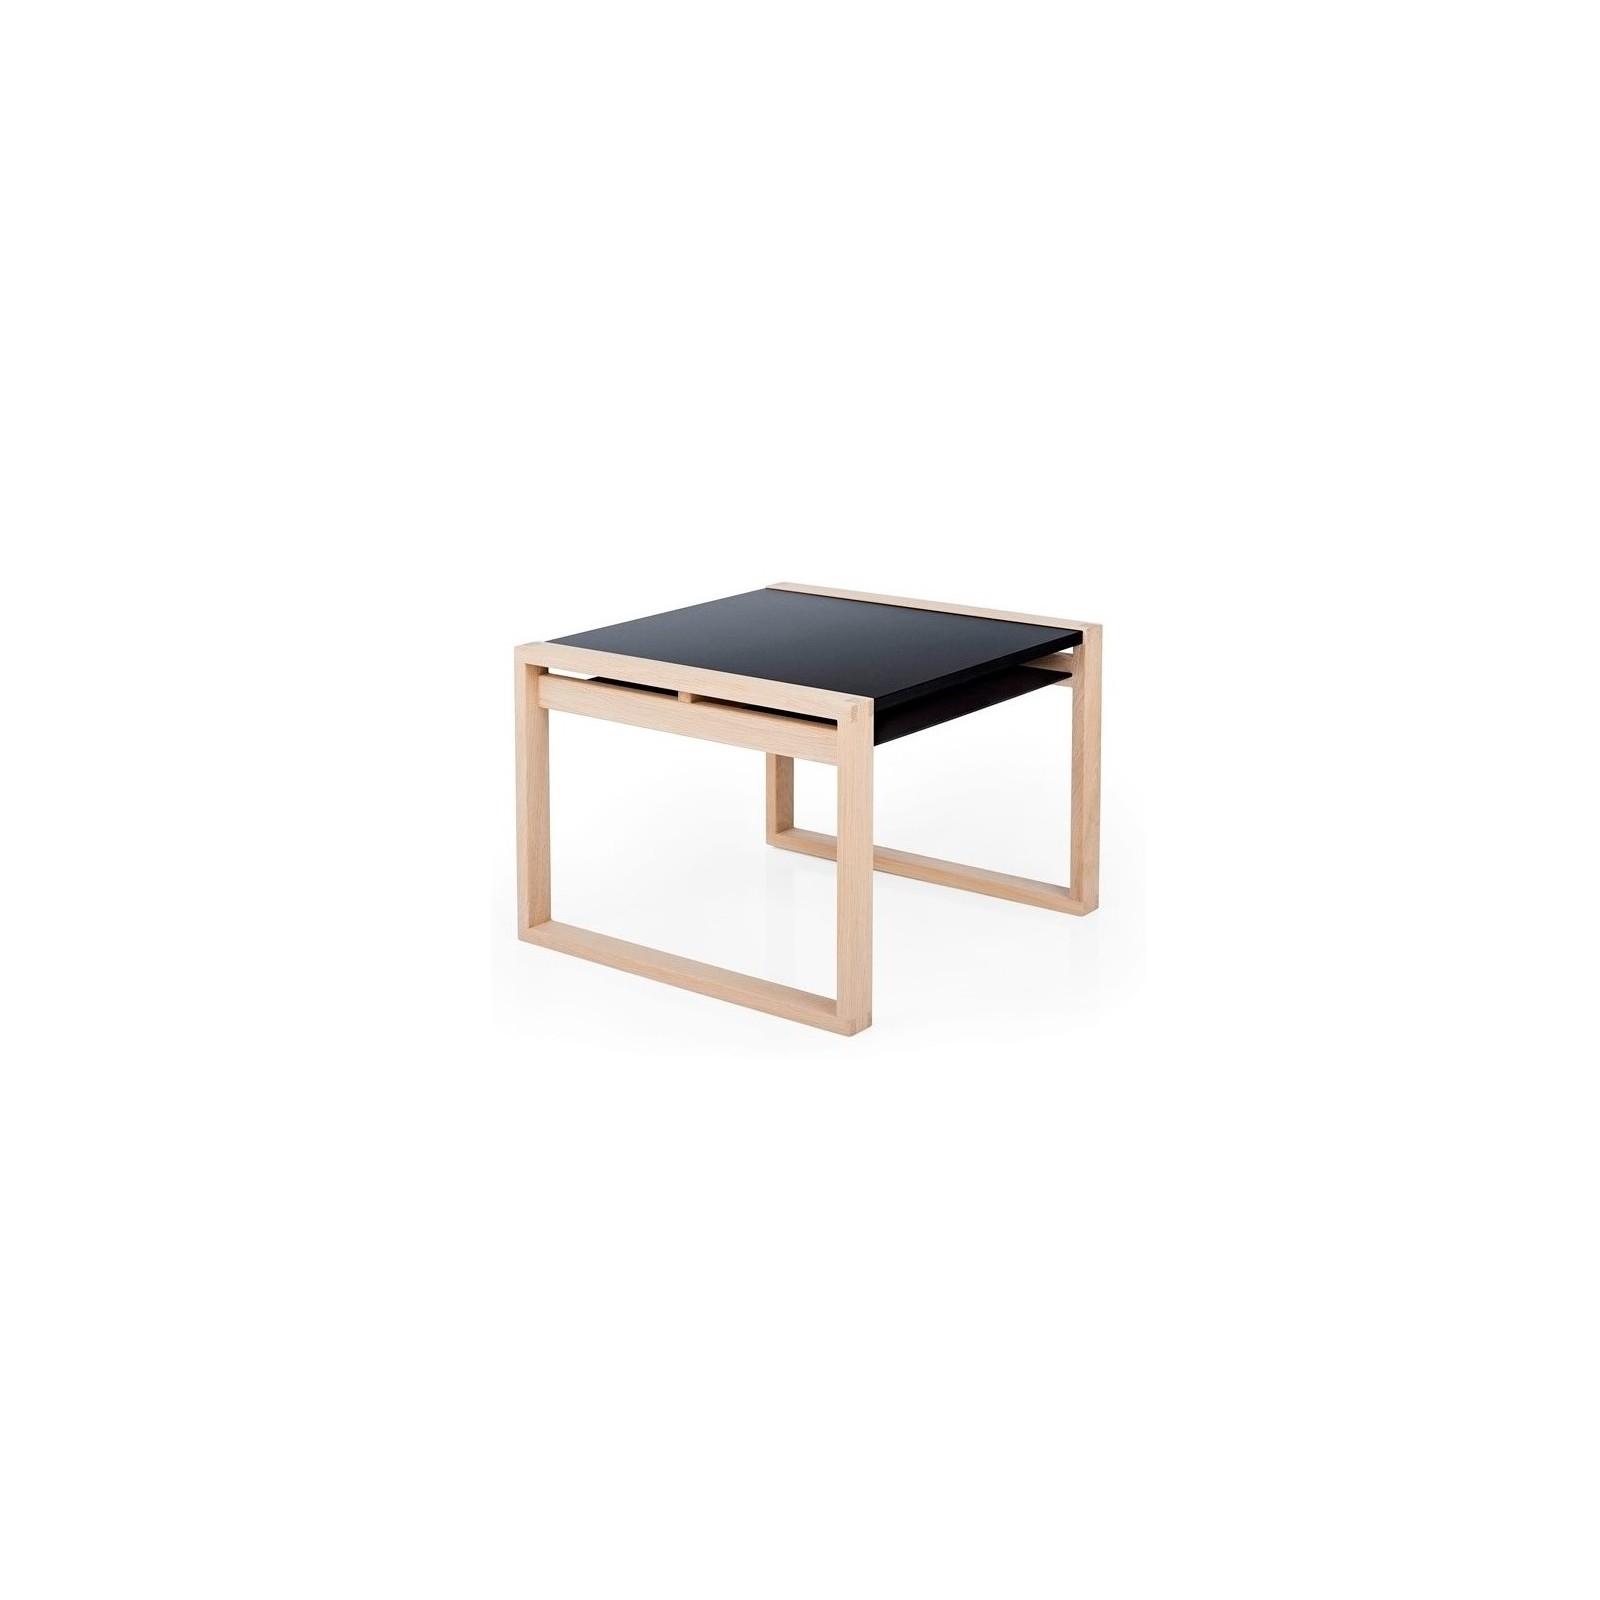 table cadre noir et bois brut arne concept. Black Bedroom Furniture Sets. Home Design Ideas